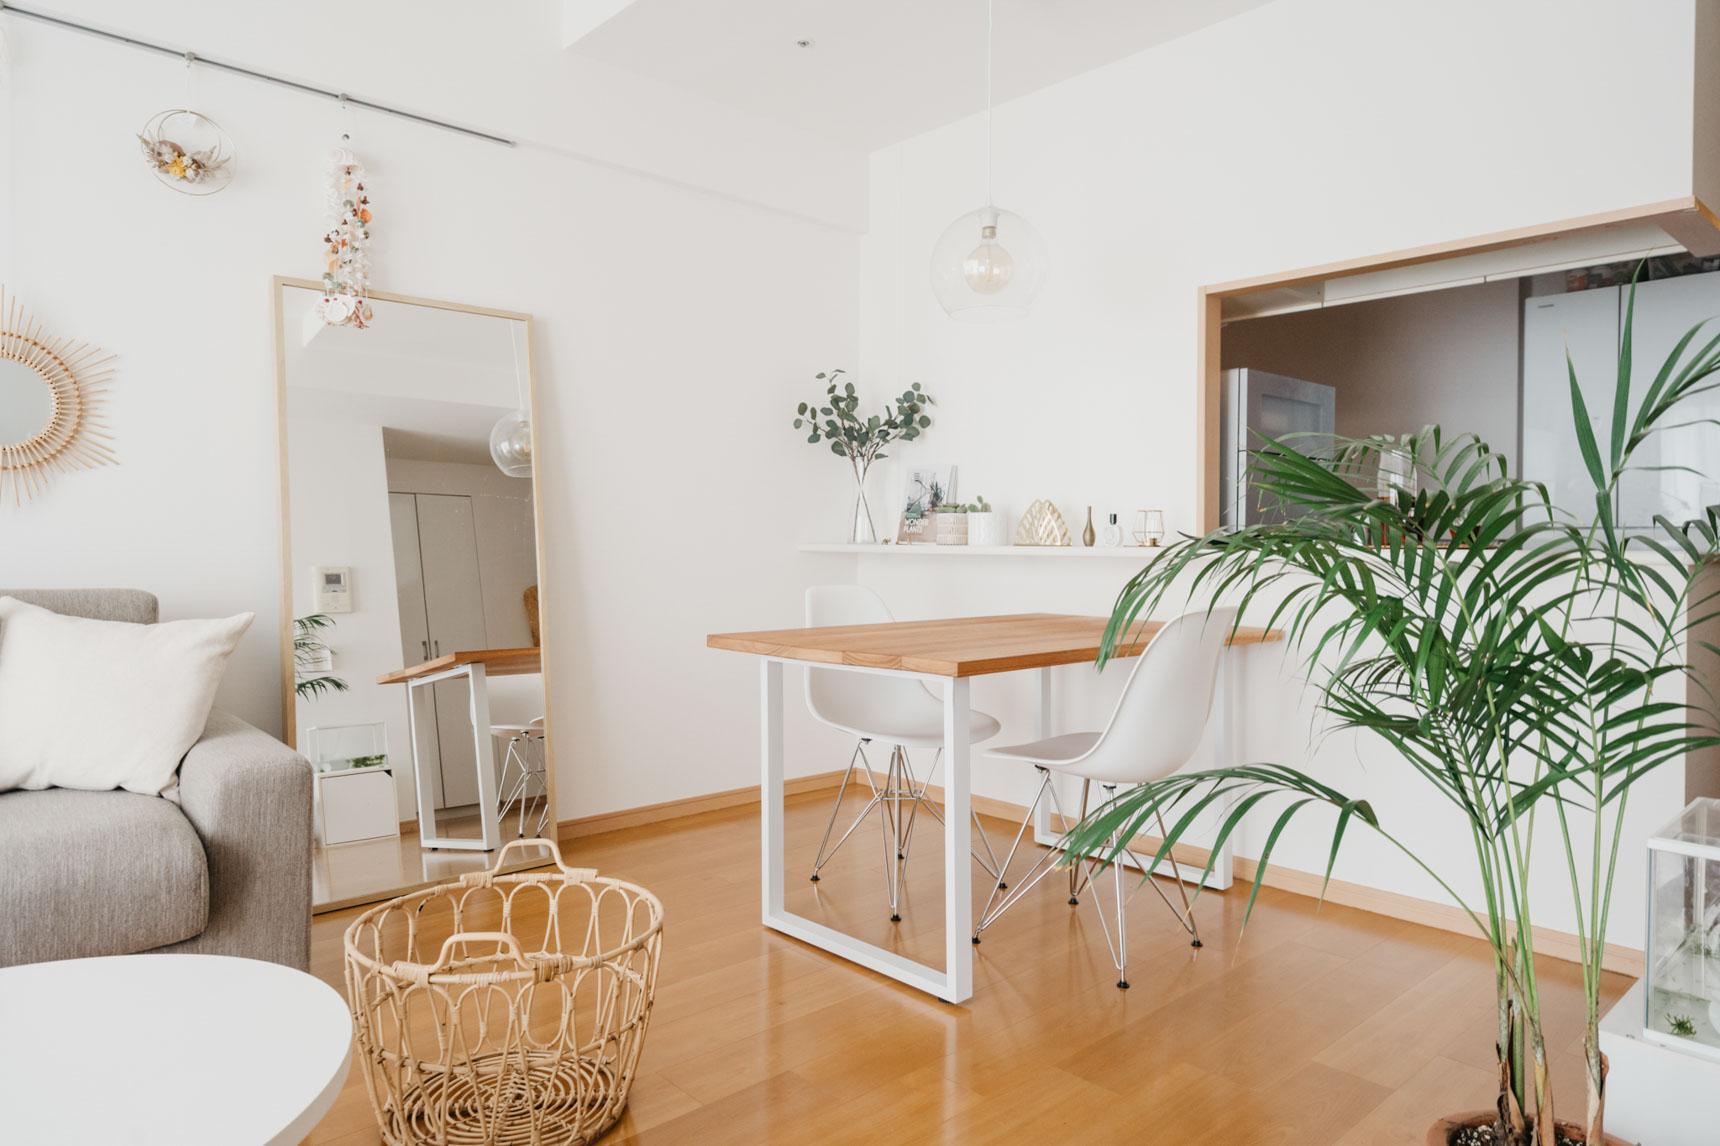 ふだんは2人で、お客さんが来たら4人でも使える「ちょうどいいサイズ」を求めて、自分で天板と脚を用意してDIYしたダイニングテーブル。カウンターキッチンにくっつけて、家事動線をスムーズに。